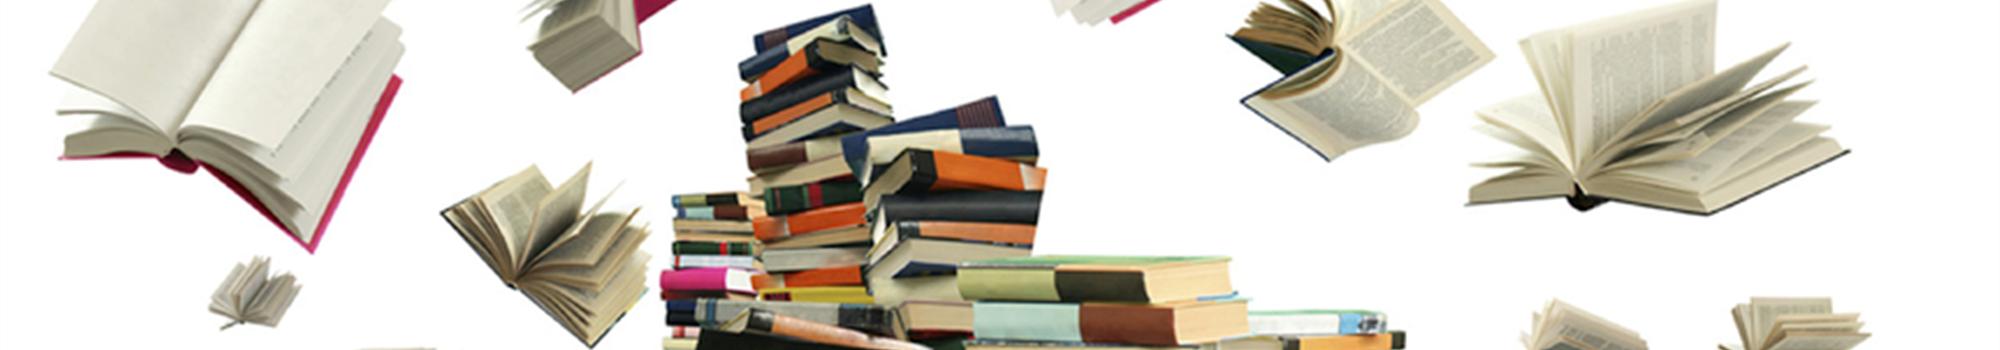 Appel au don : aidez nous à acheminer les livres collectés auprès des collègiens du 92 vers la Guinée Conakry - MouvArtconnect